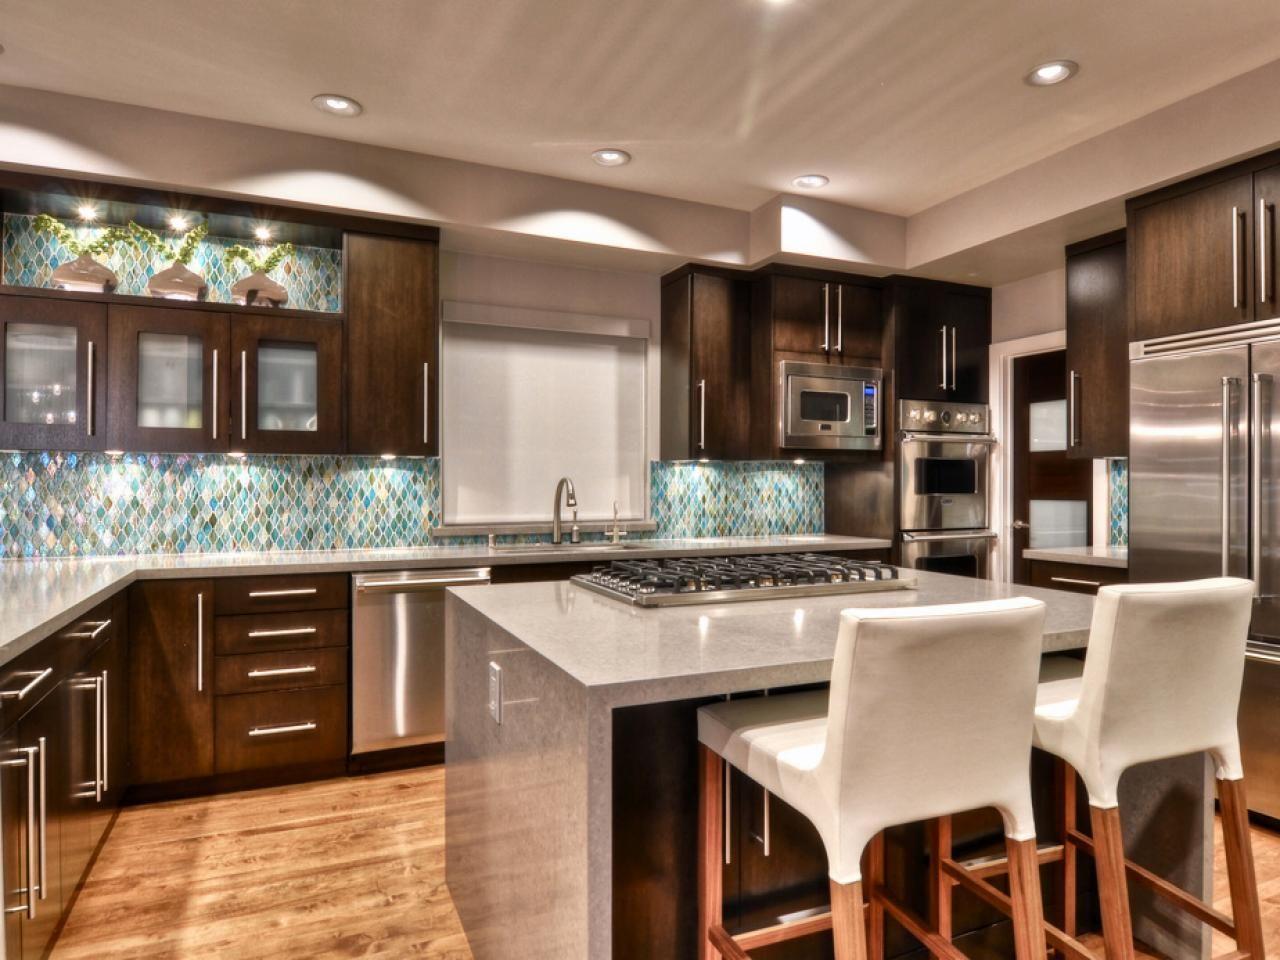 Kitchen Countertops Beautiful Functional Design Options Contemporary Kitchen Island Contemporary Kitchen Dark Modern Kitchen